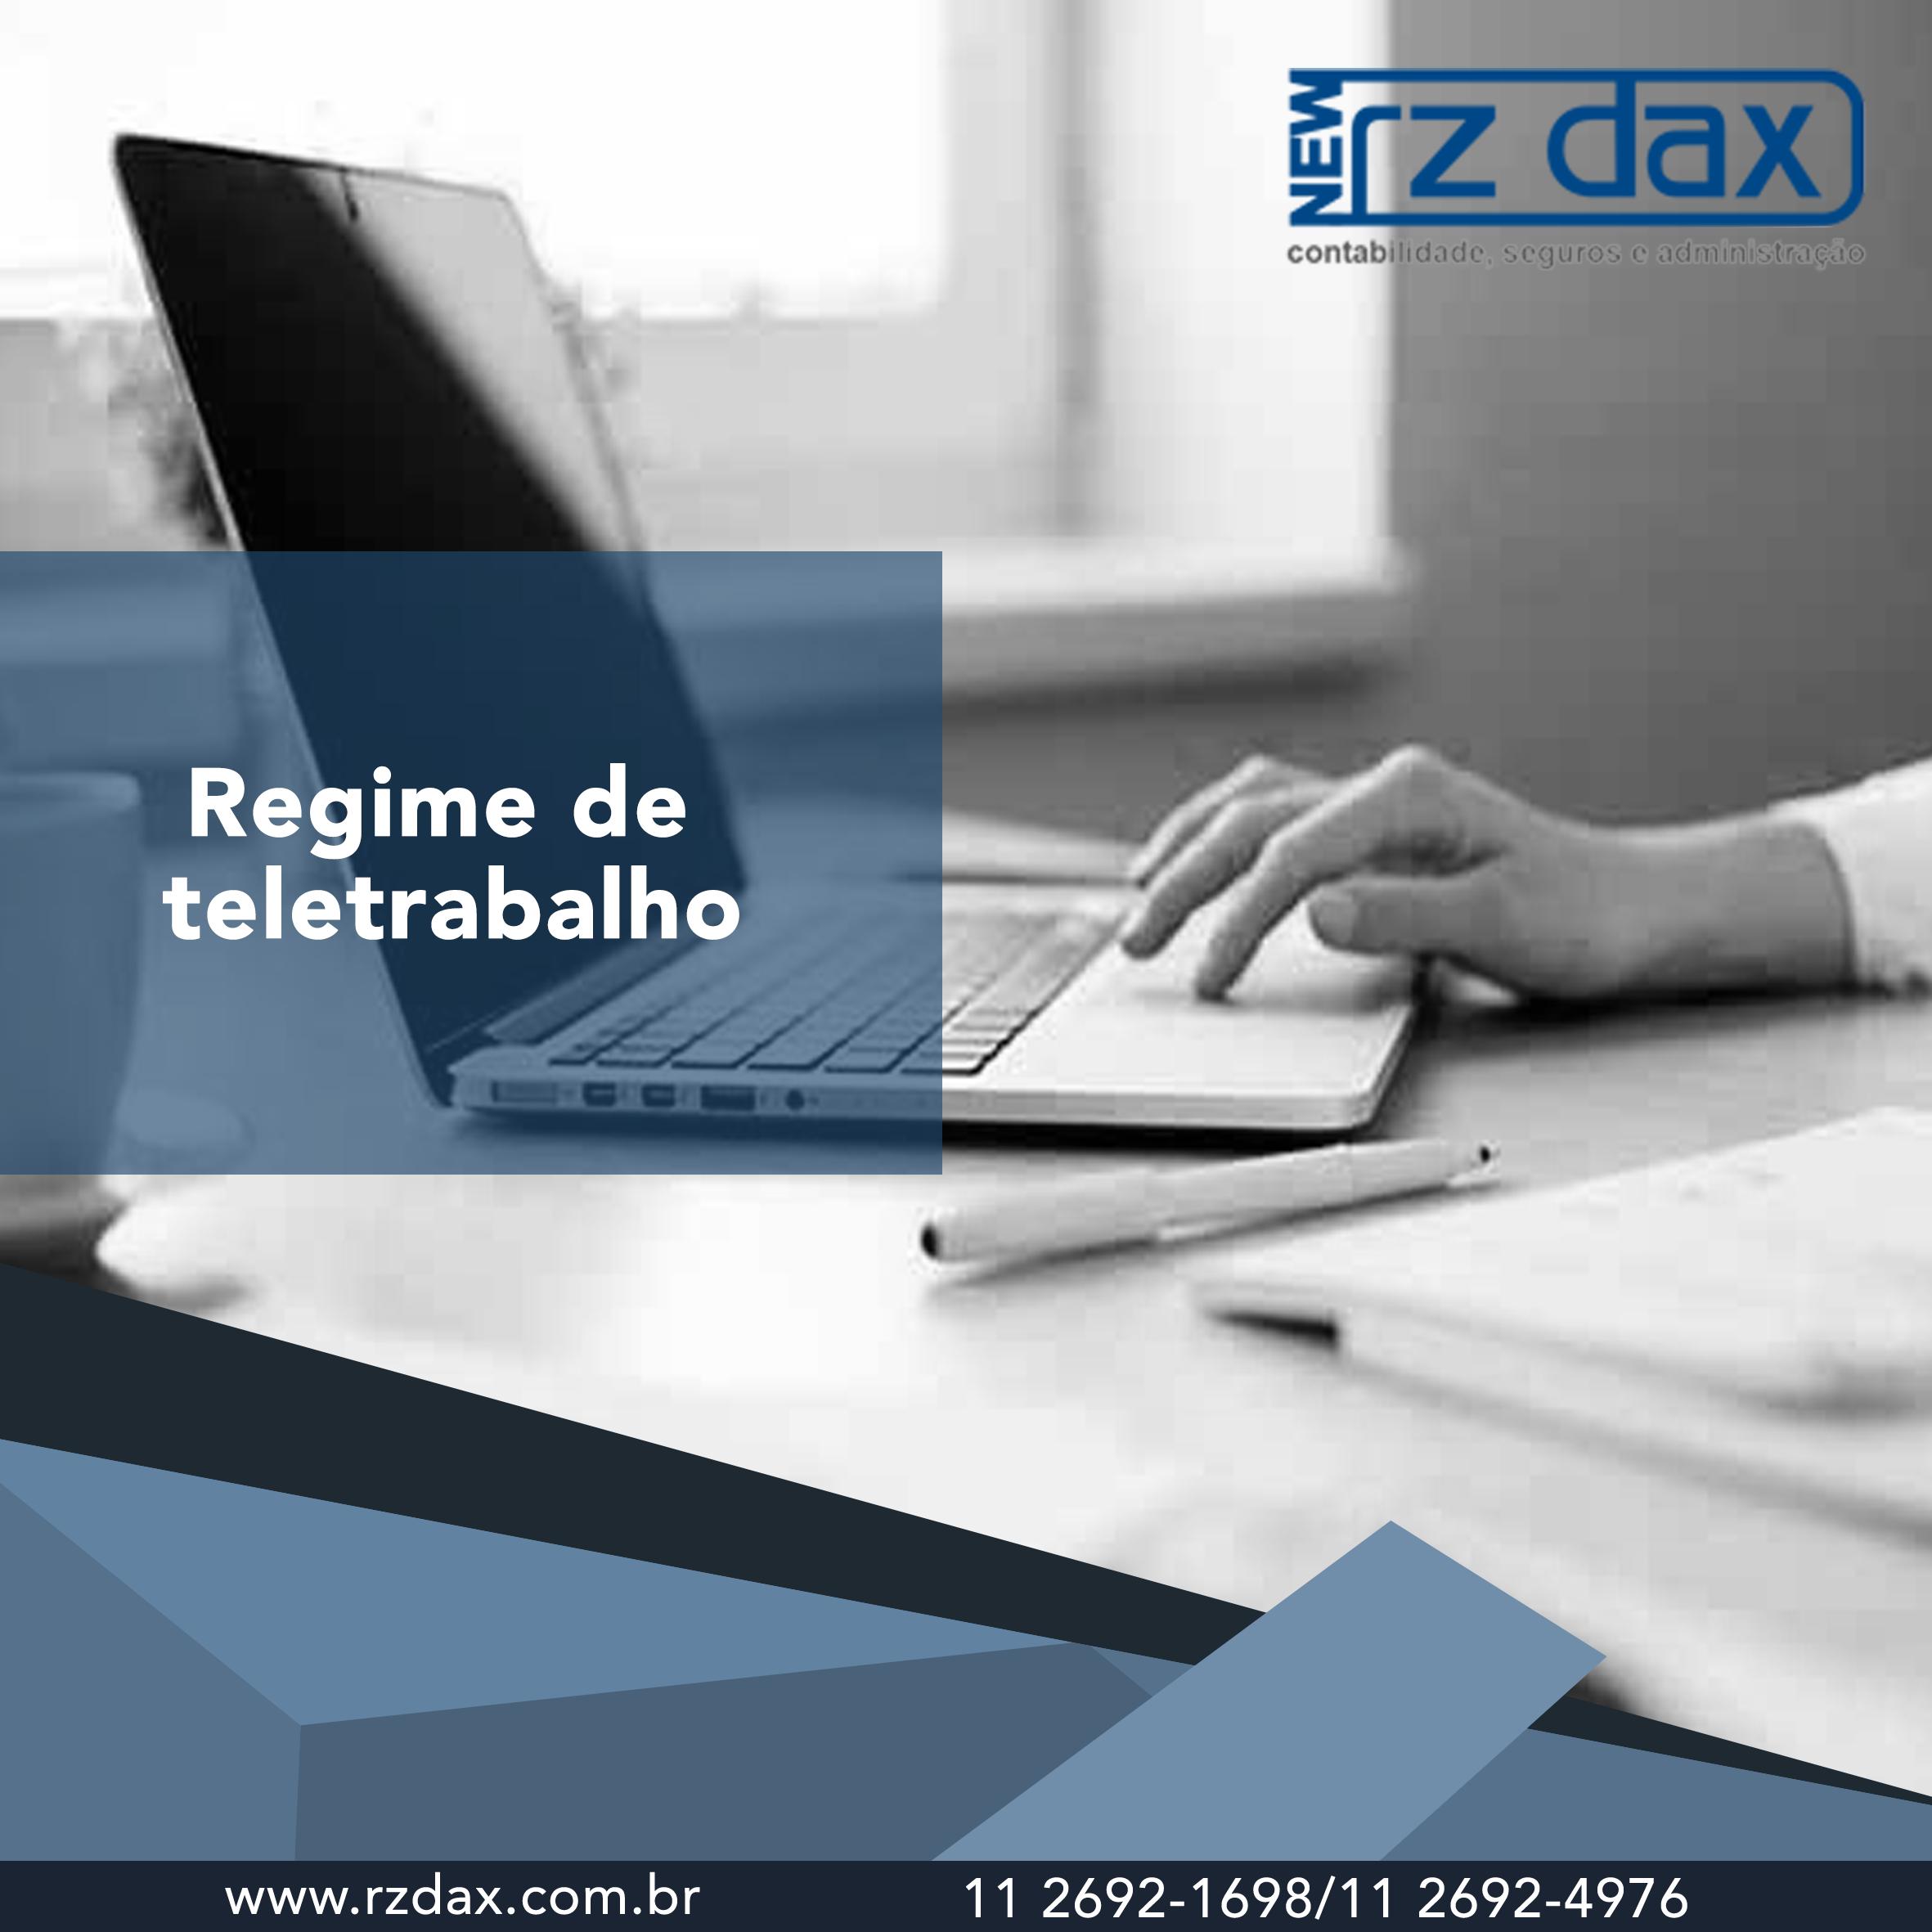 REGIME DE TELETRABALHO